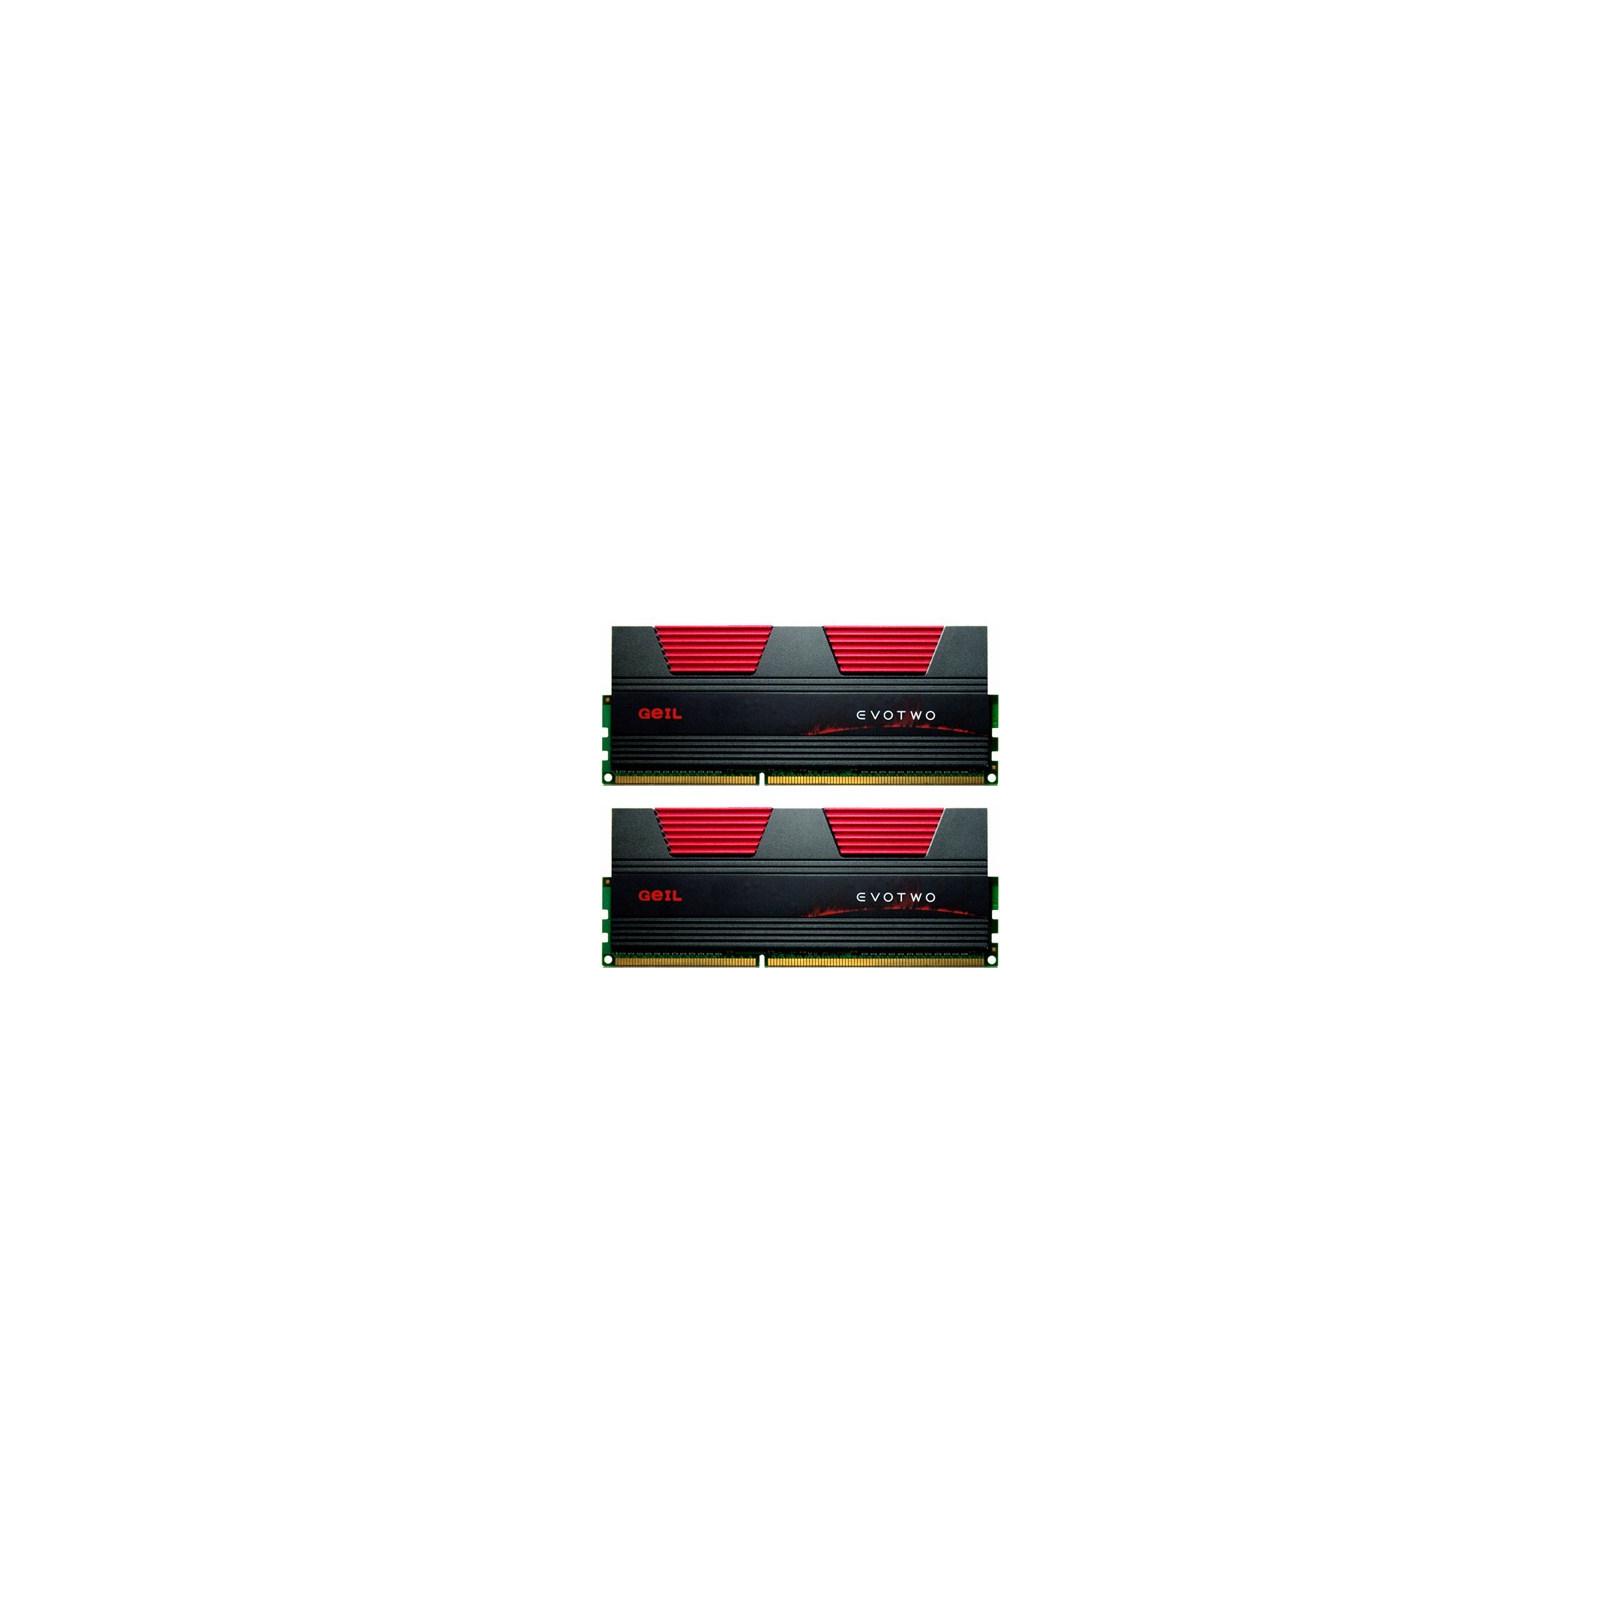 Модуль памяти для компьютера DDR3 8GB (2x4GB) 2133 MHz GEIL (GET38GB2133C10ADC)